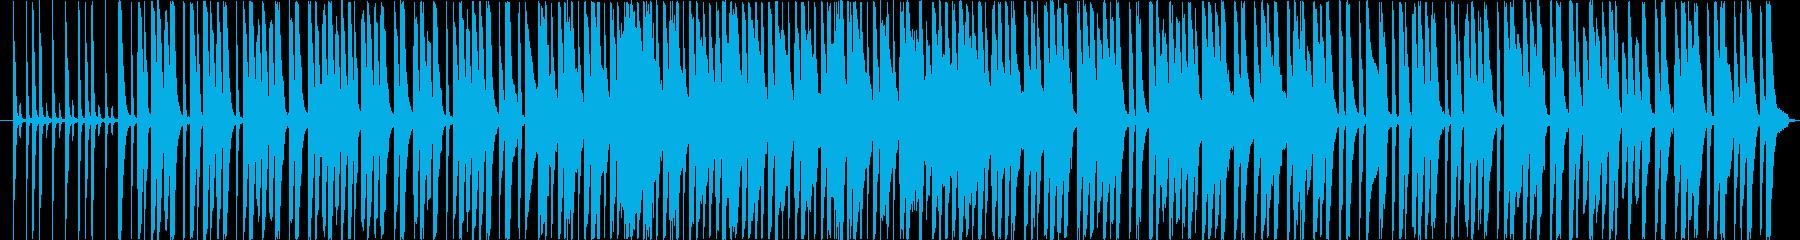 のどか7の再生済みの波形